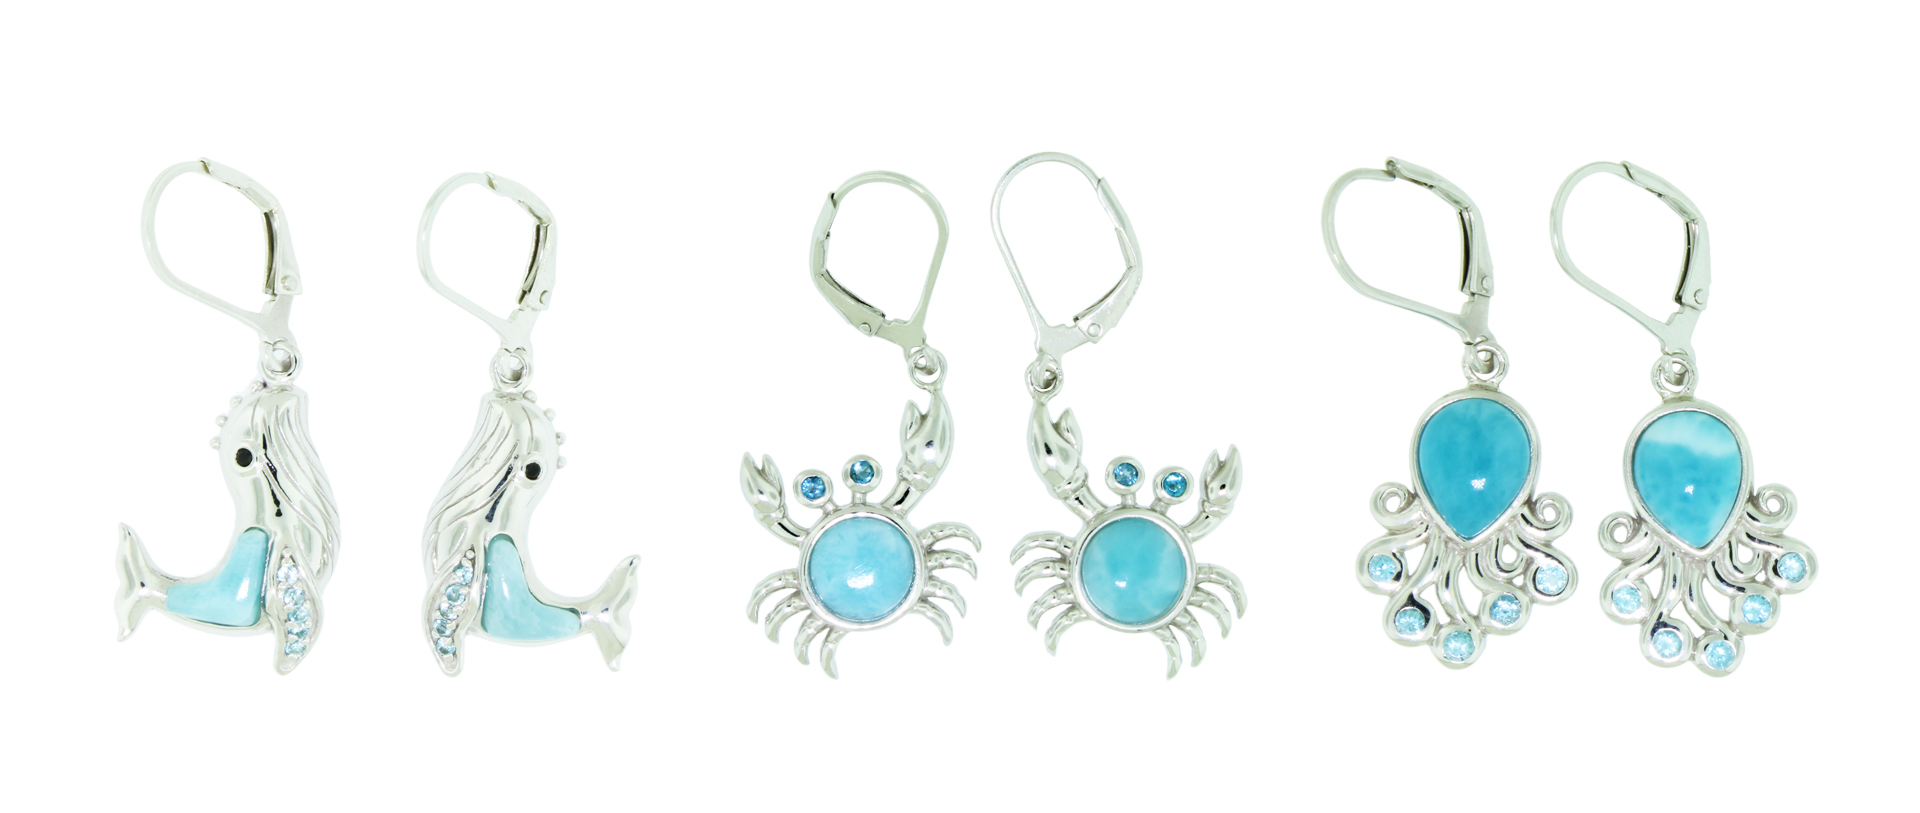 category-larimar-jewelry-earrings